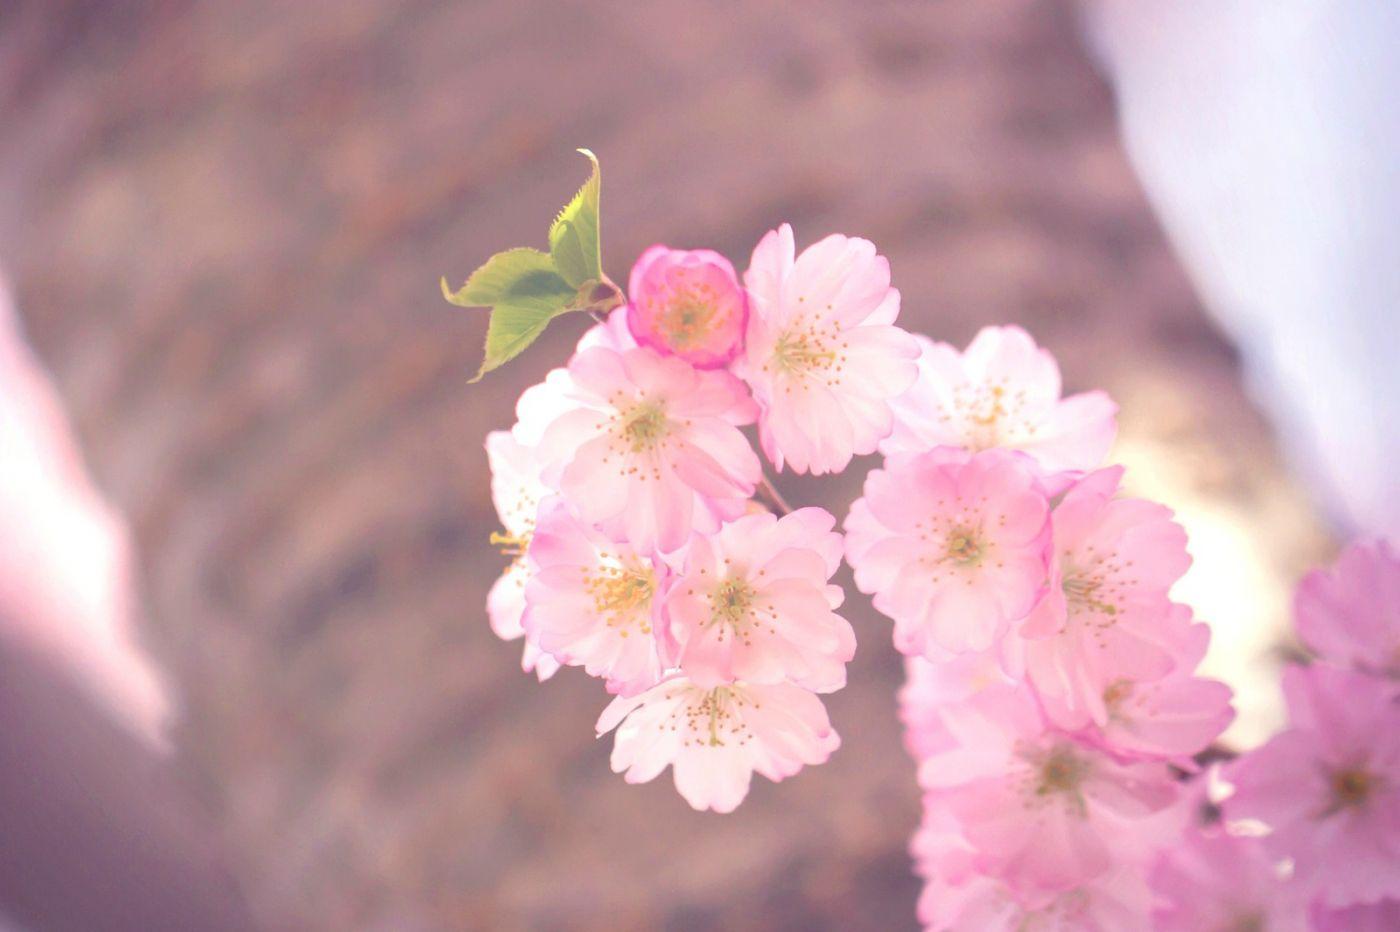 粉红的水嫩的,好看极了_图1-18